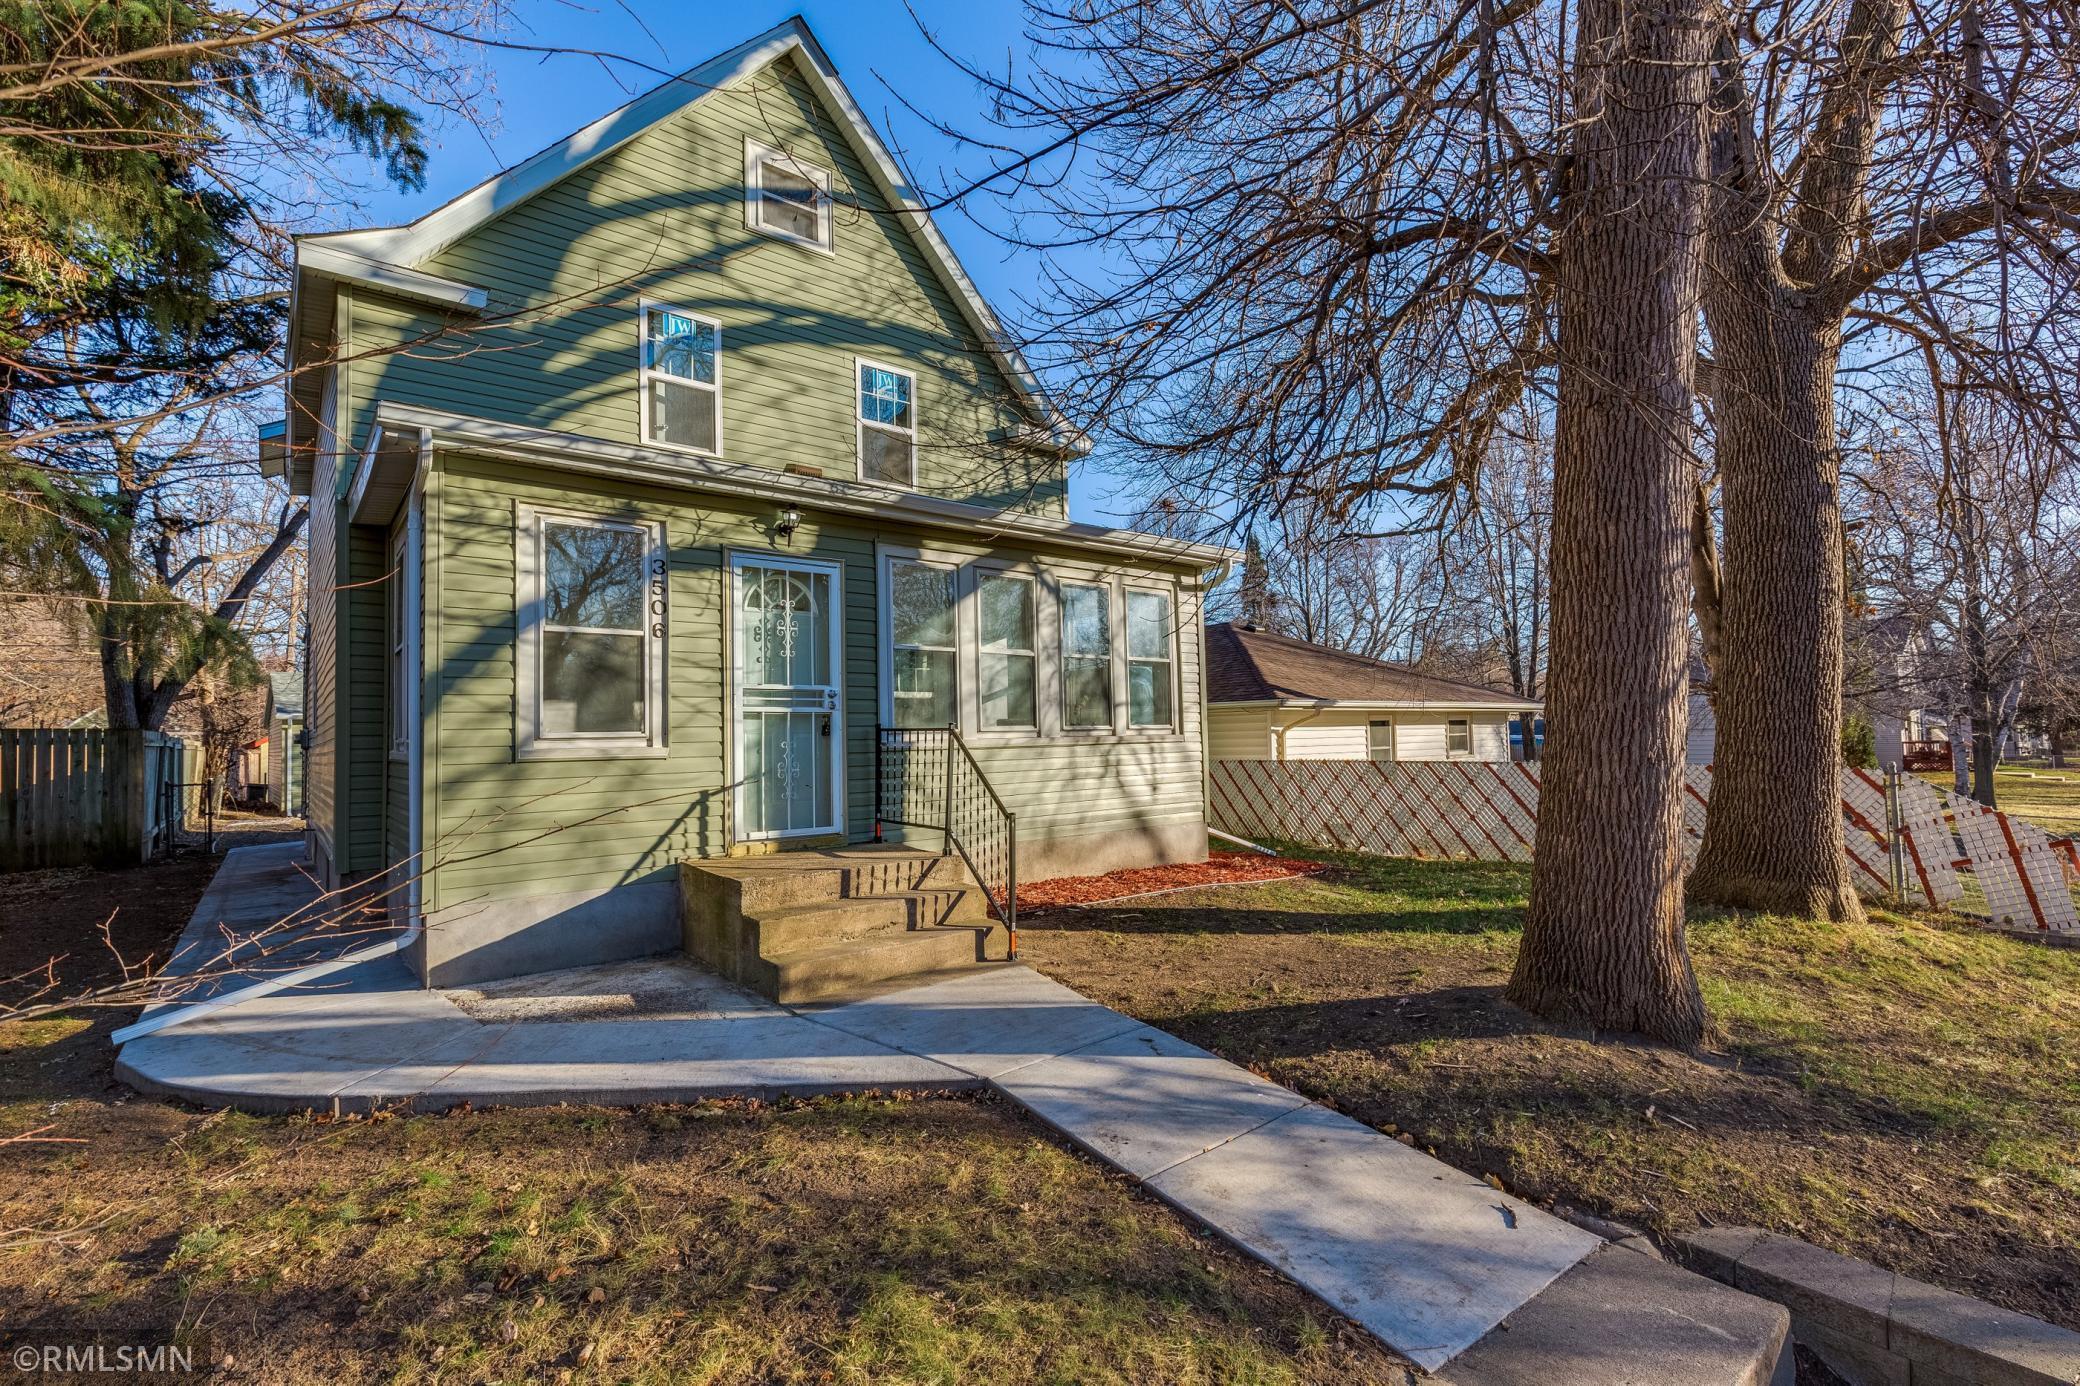 3506 Thomas Avenue N Property Photo - Minneapolis, MN real estate listing